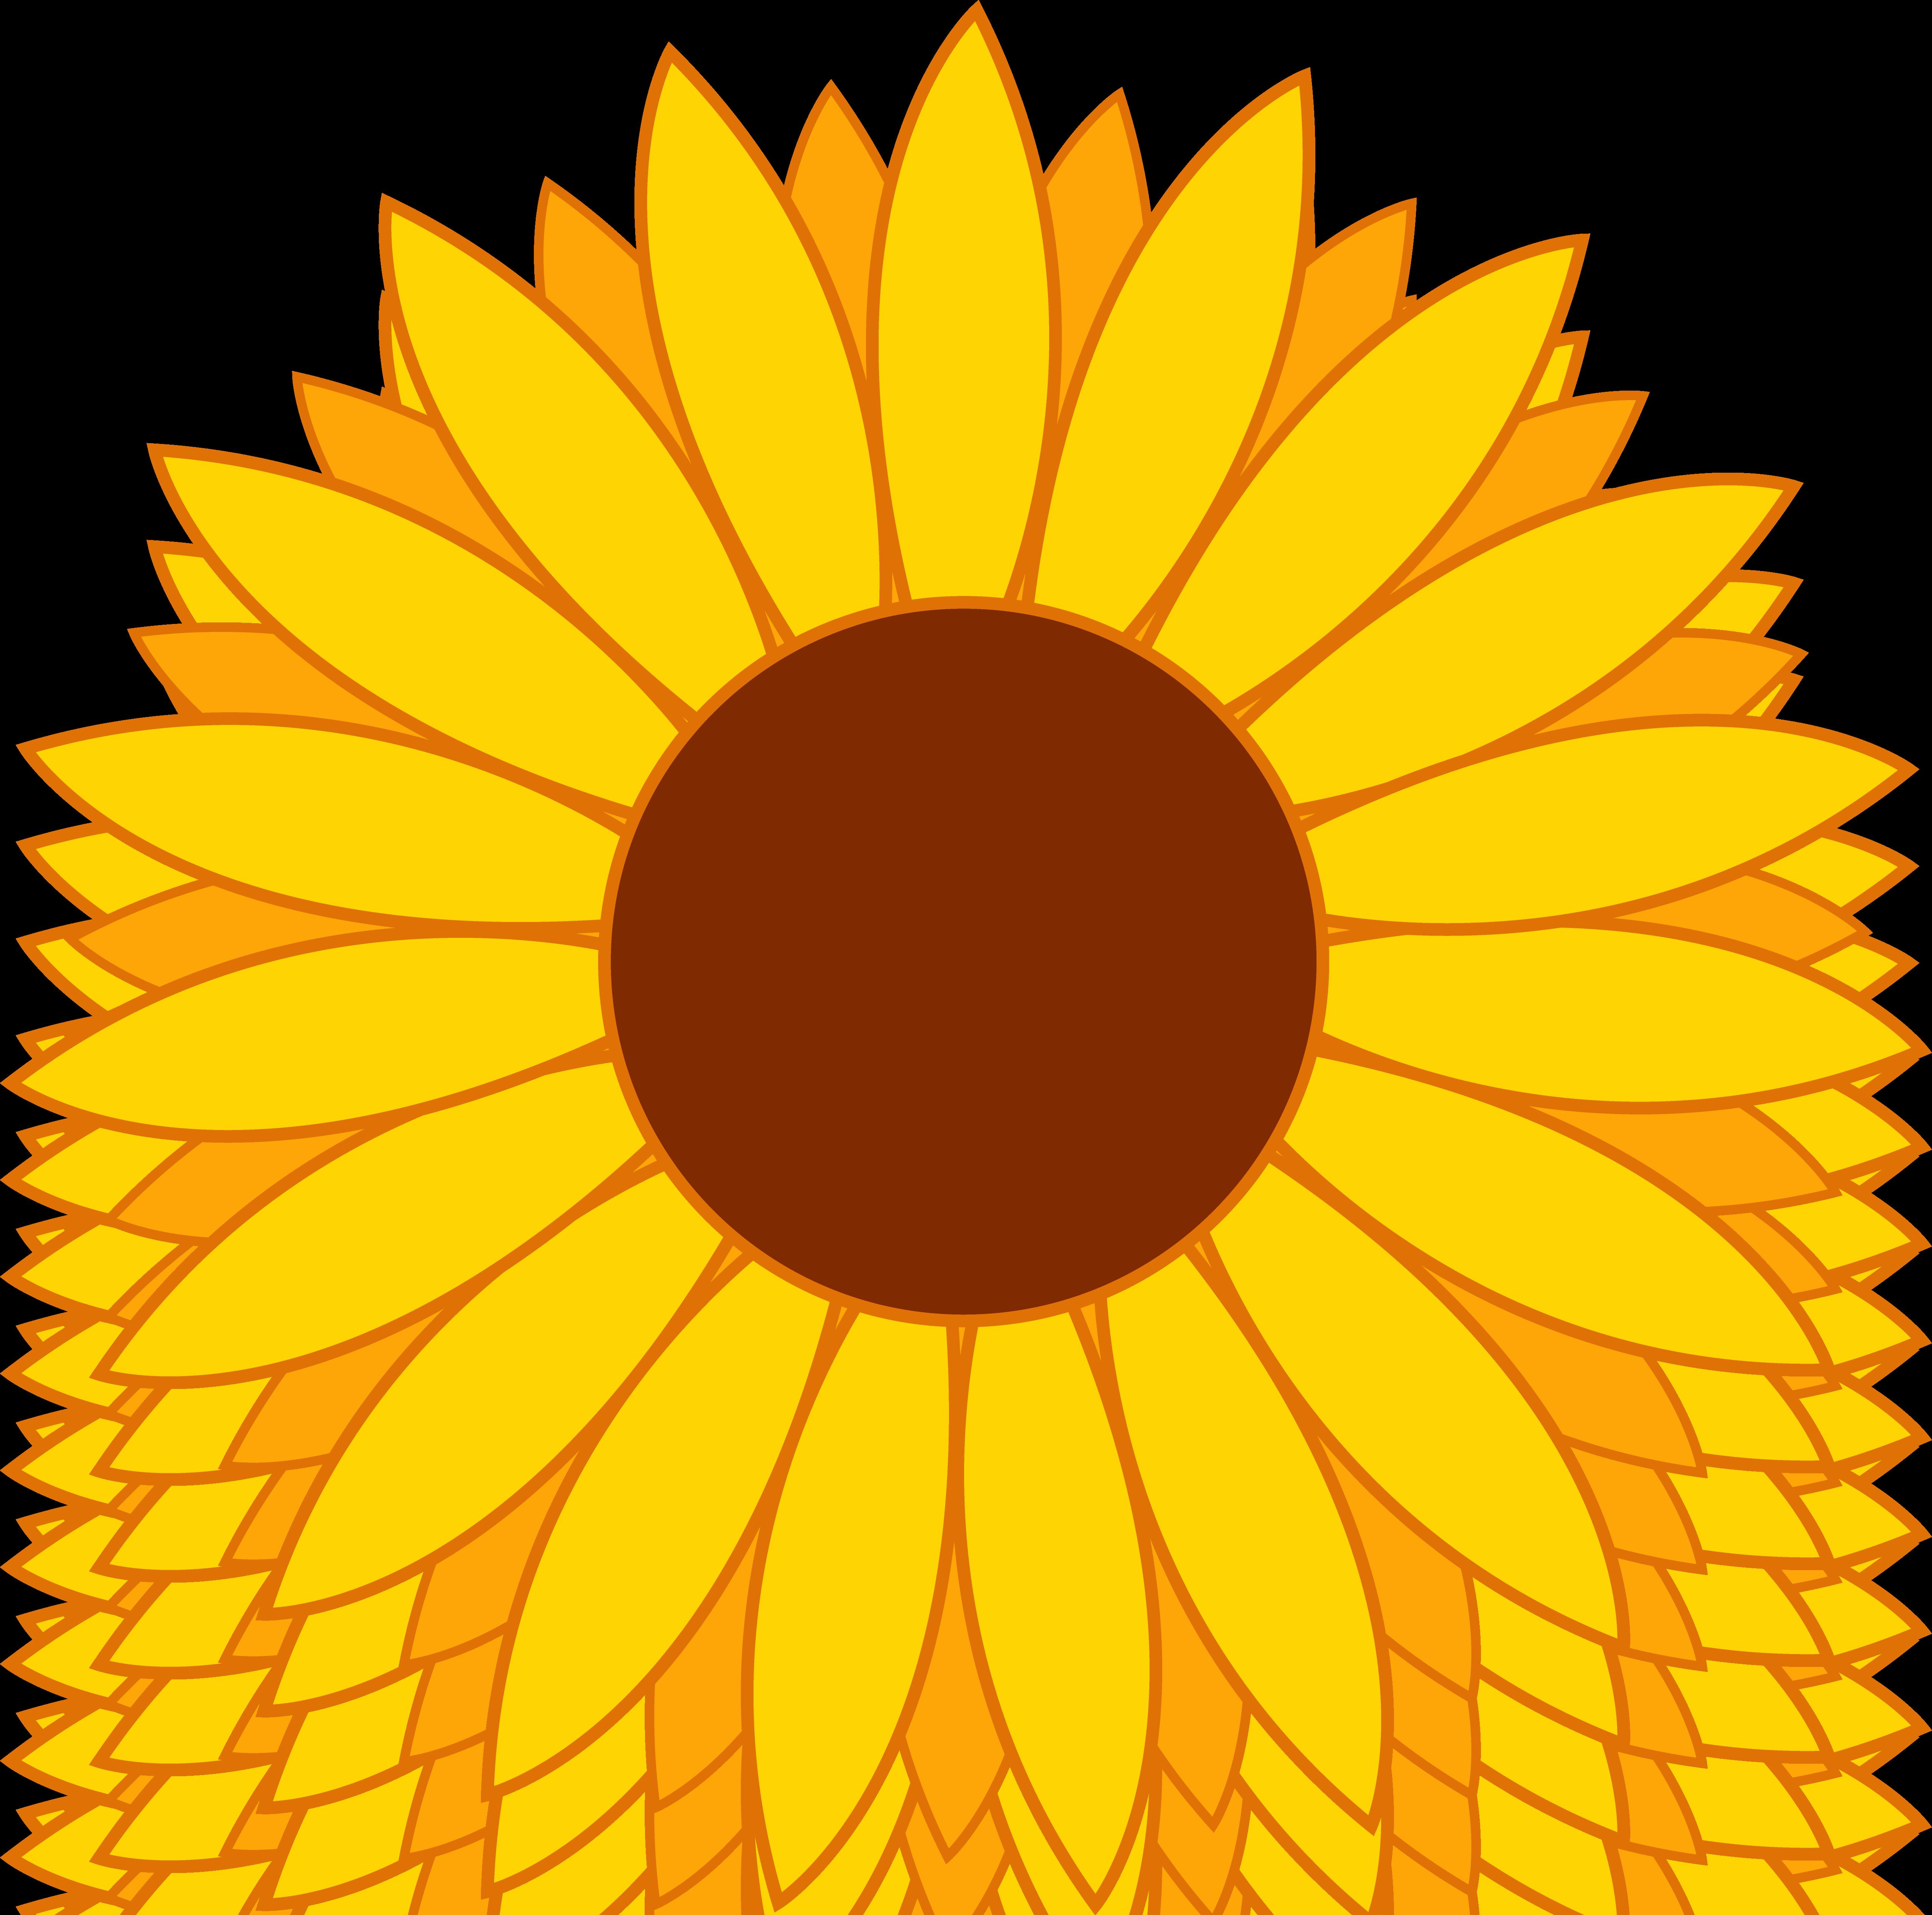 Sunflower Clipart-Sunflower Clipart-17